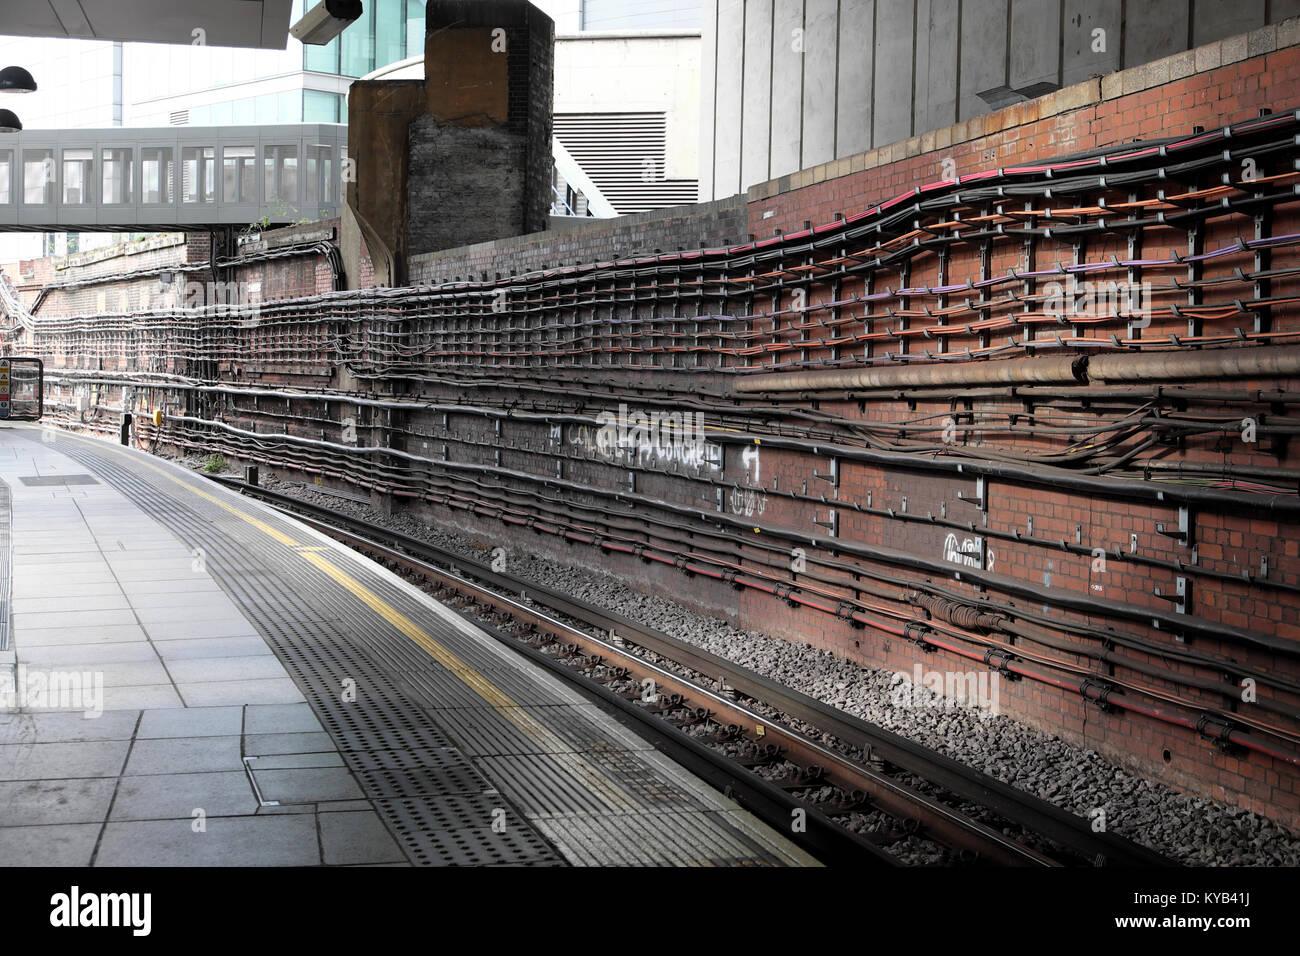 Leere Plattform und die Bahn auf der Schiene mit Infrastruktur Leitungen sichtbar auf der Mauer am Bahnhof in London Stockbild